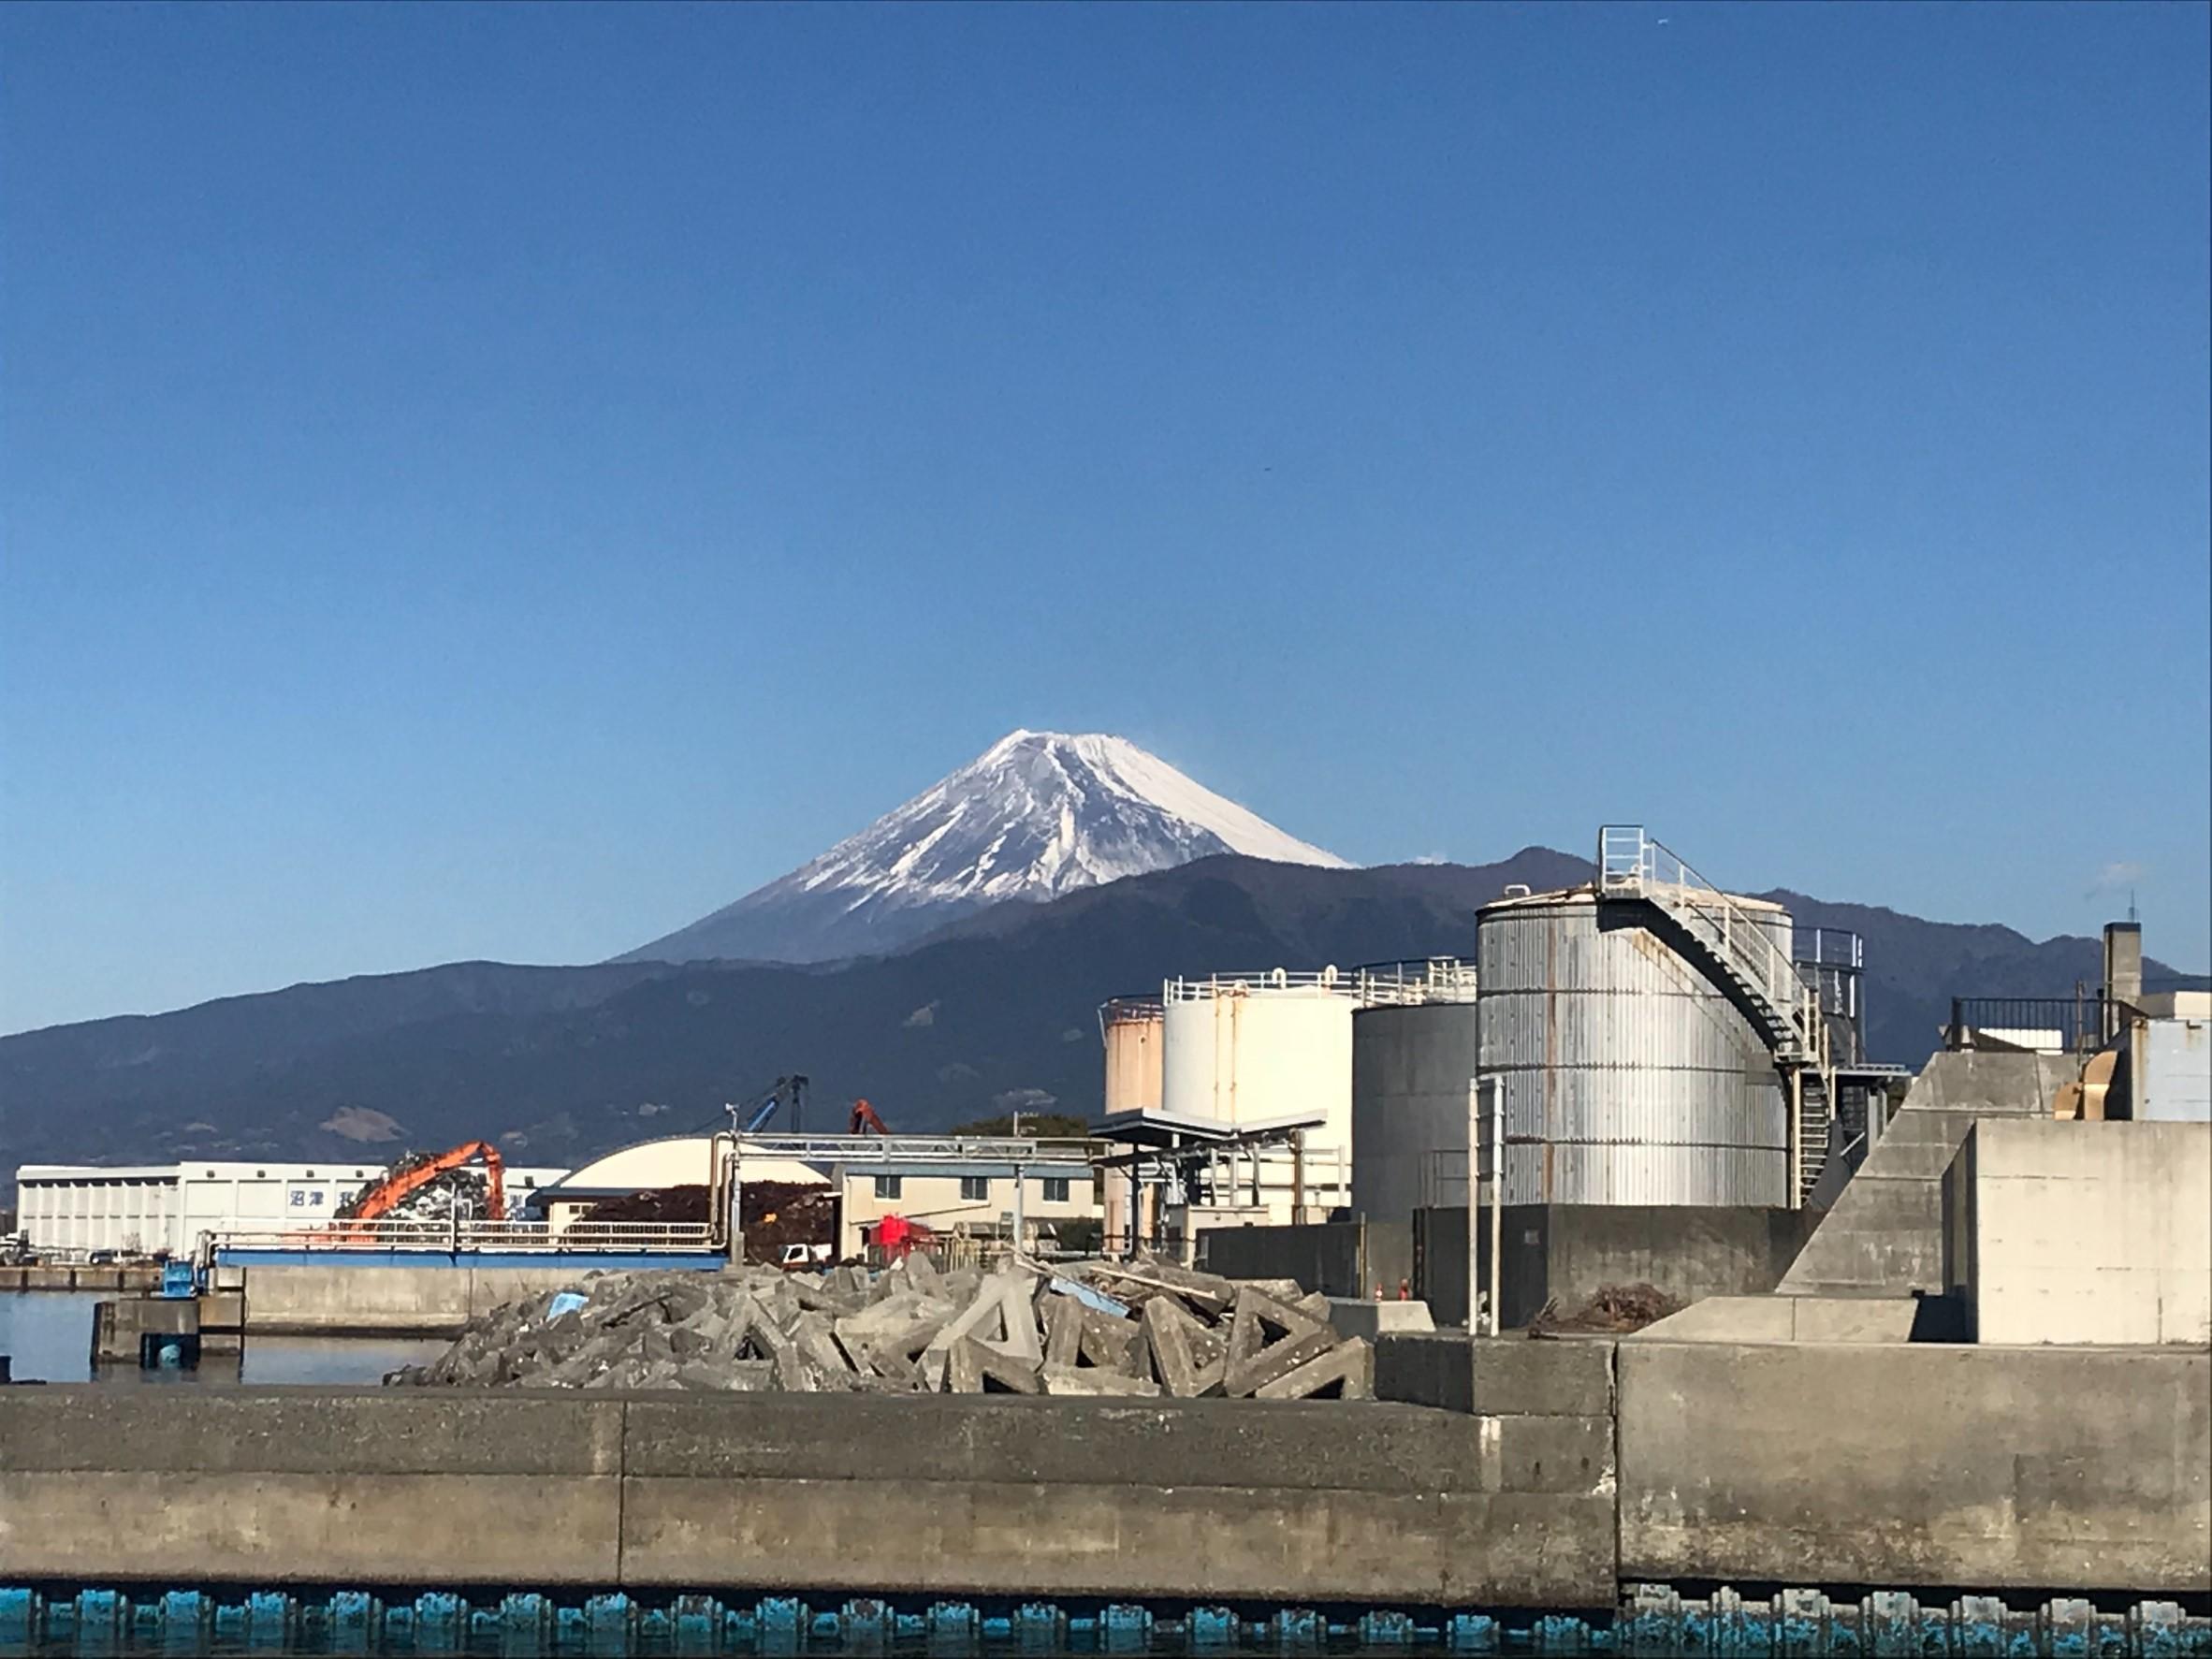 初春の研修旅行で見事な富士山に縁起良し!